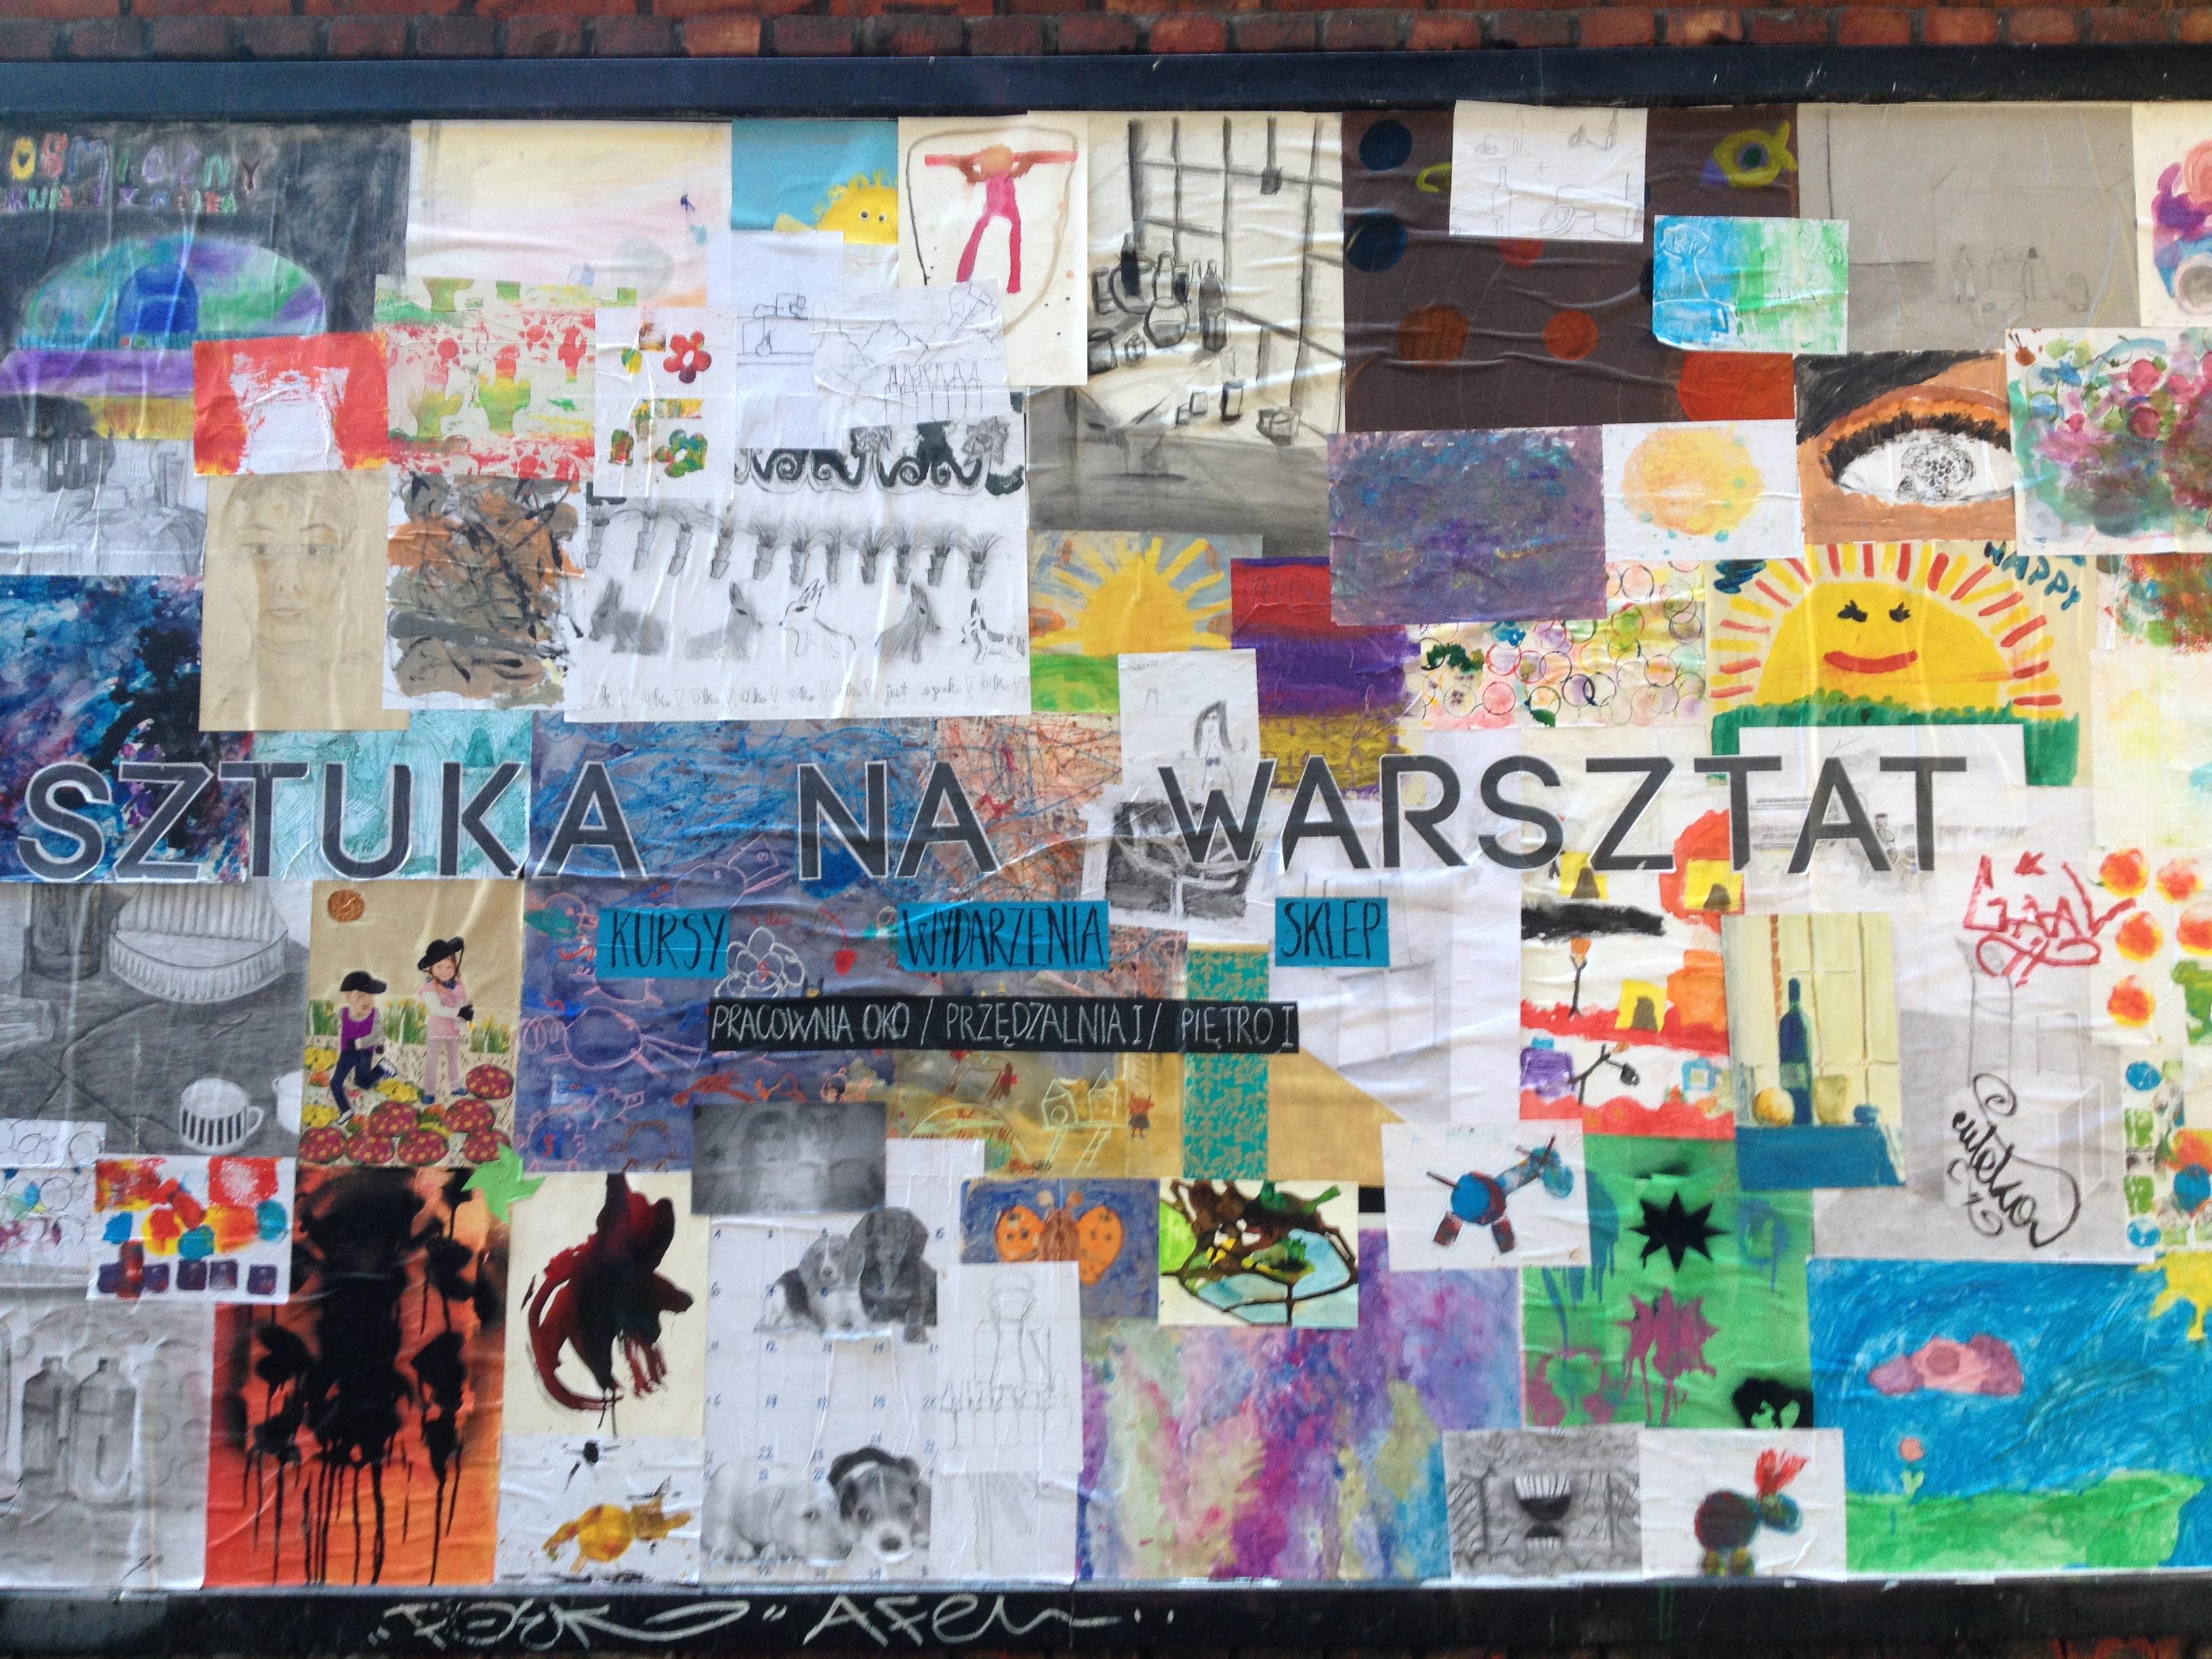 Muro en Off Piotrkowska | Sabela Porto